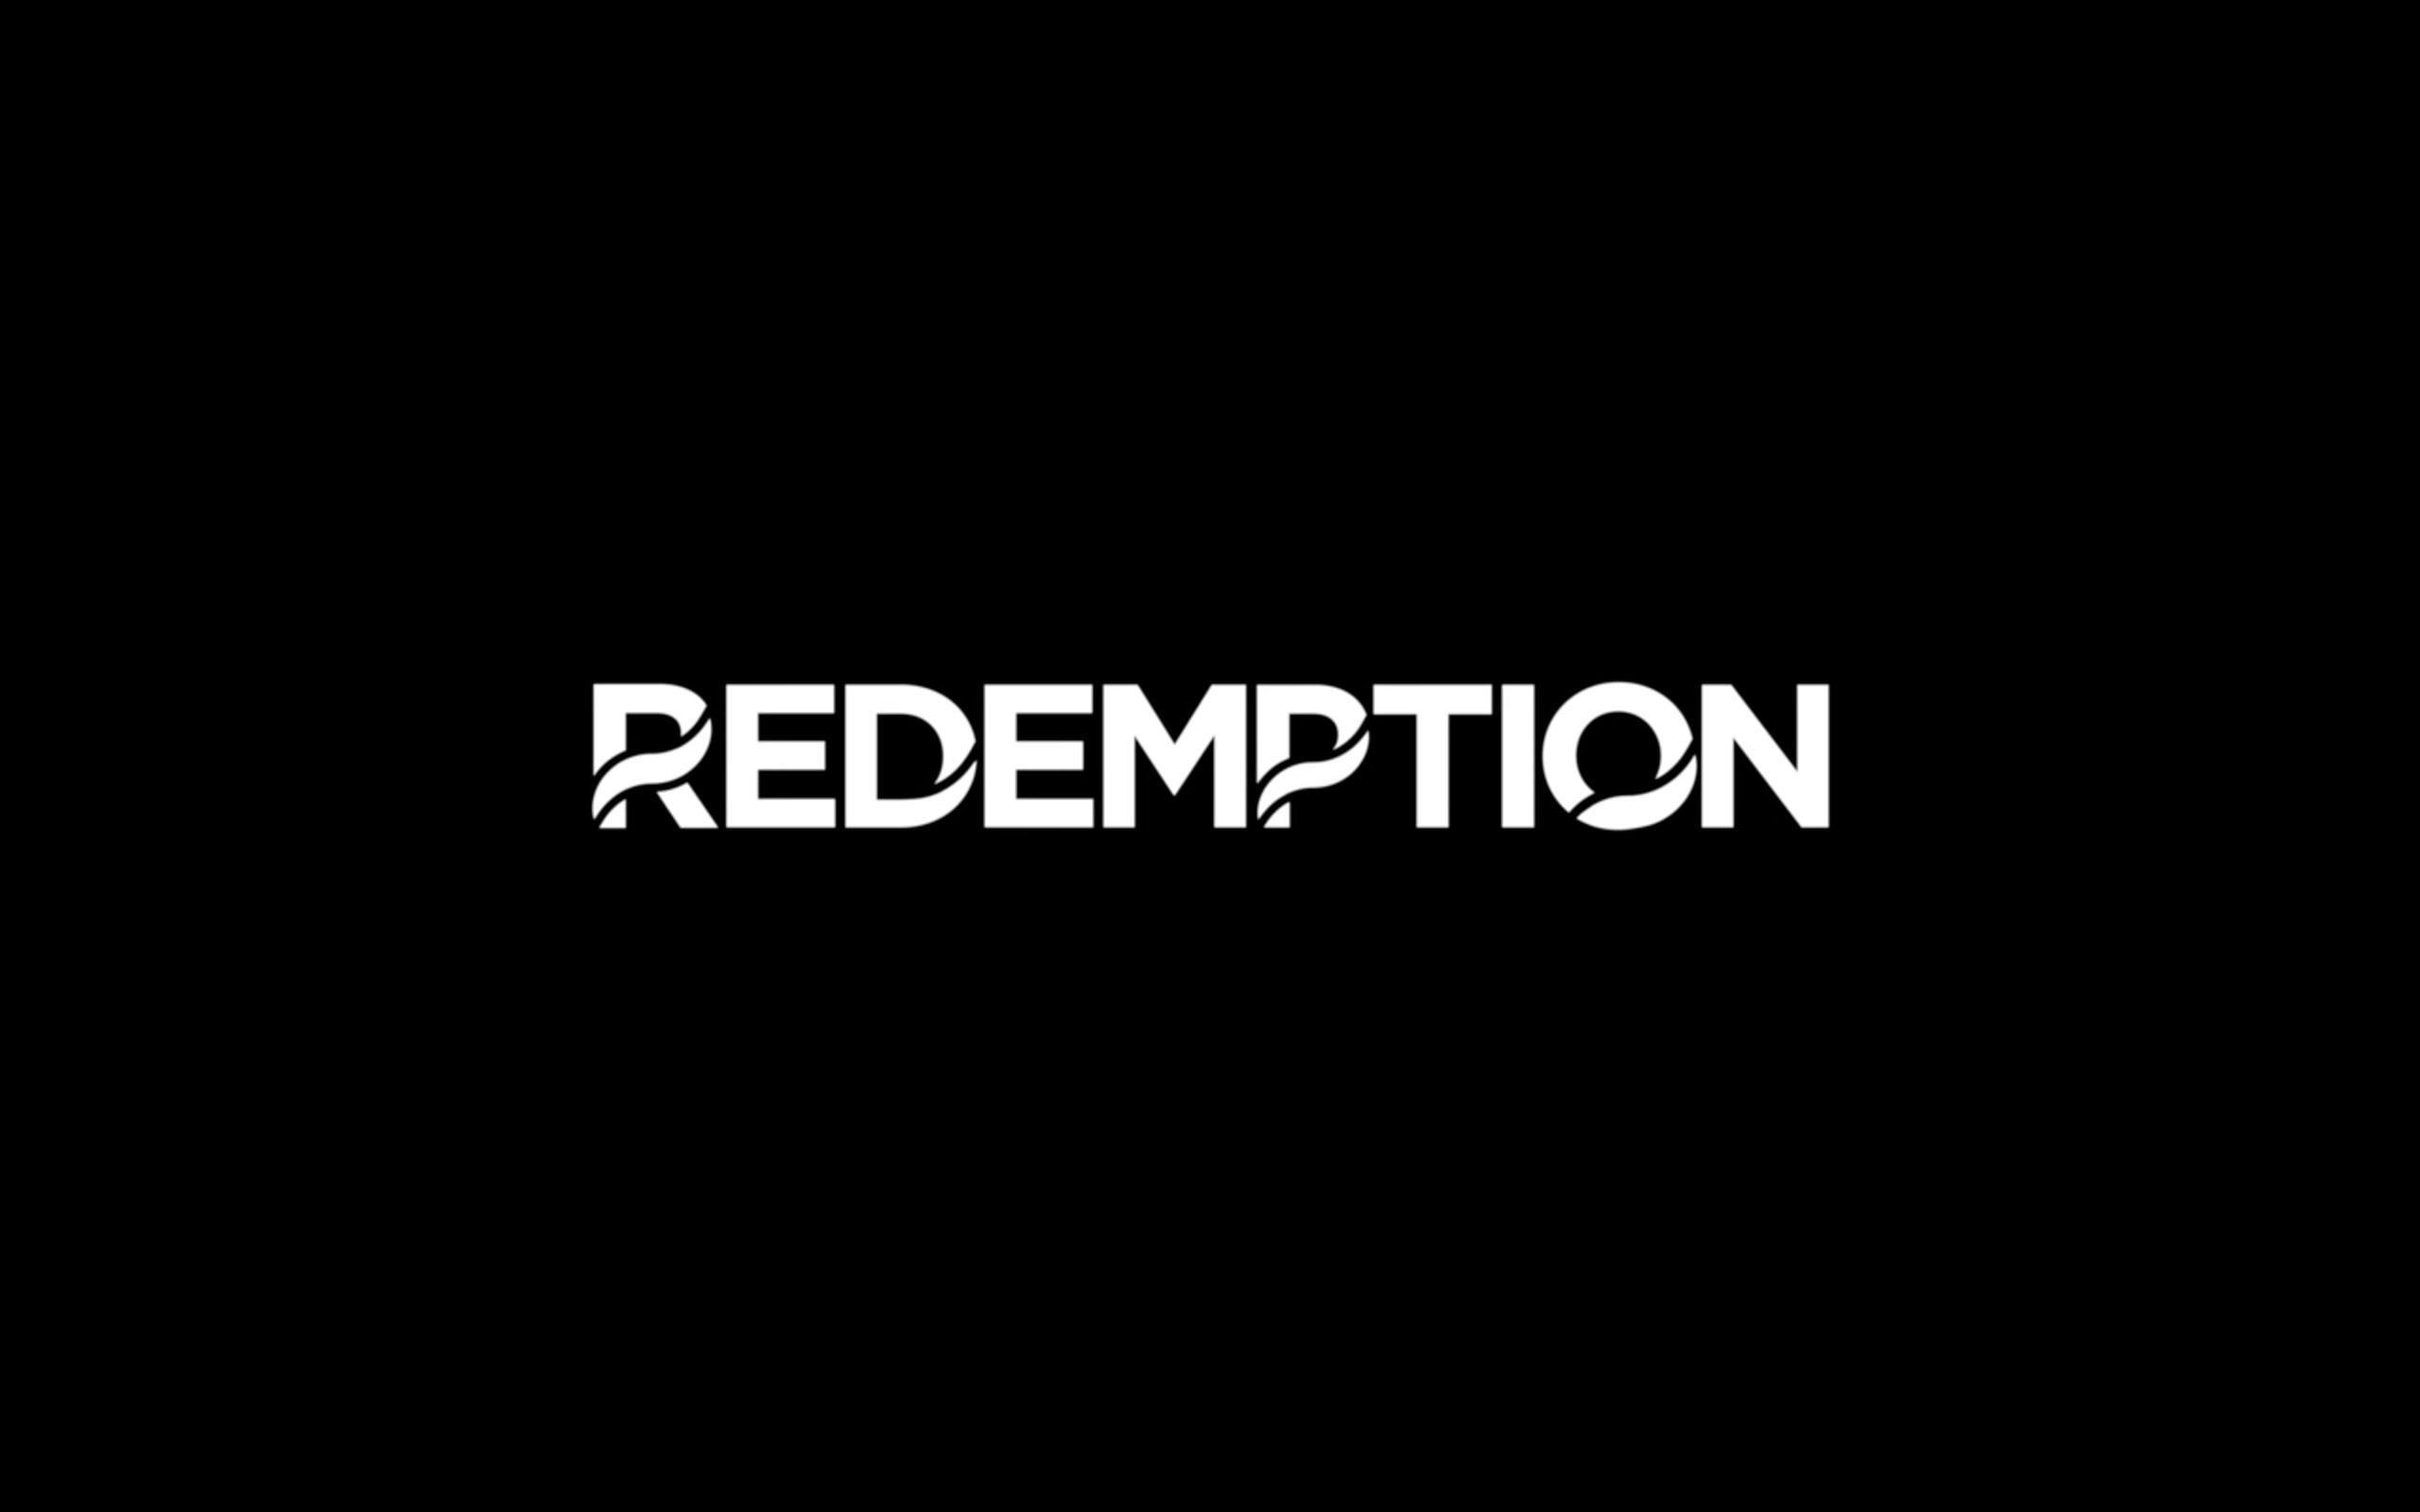 redemption-nesspreso